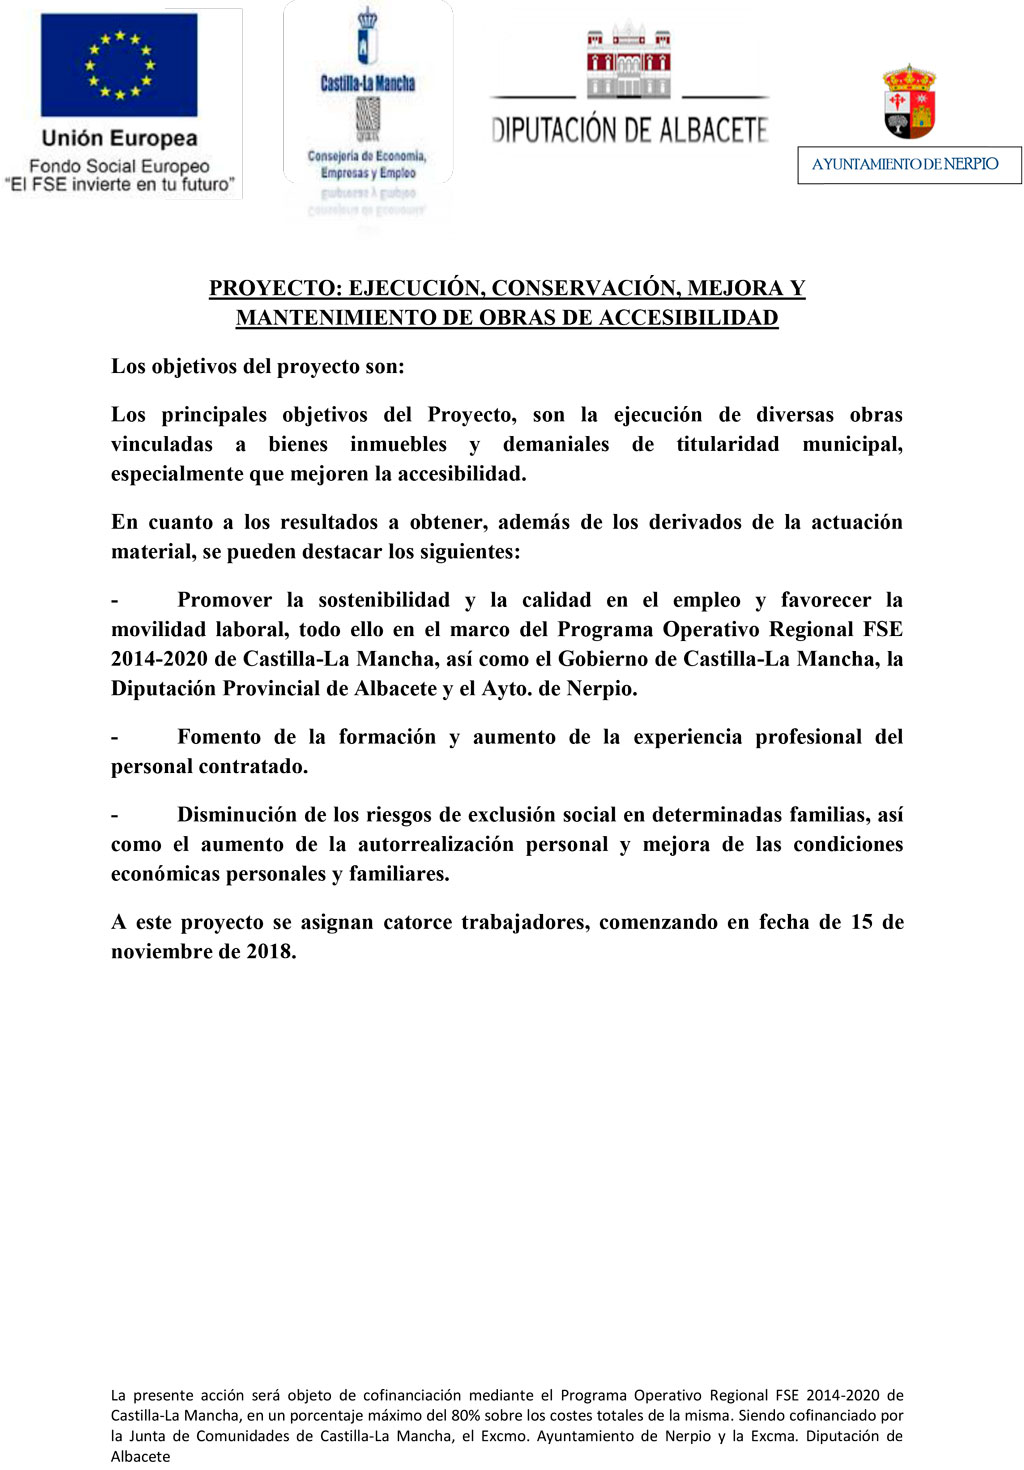 EJECUCION-CONSERVACION-MEJORA-Y-MANTENIMIENTO-DE-OBRAS-DE-ACCESIBILIDAD